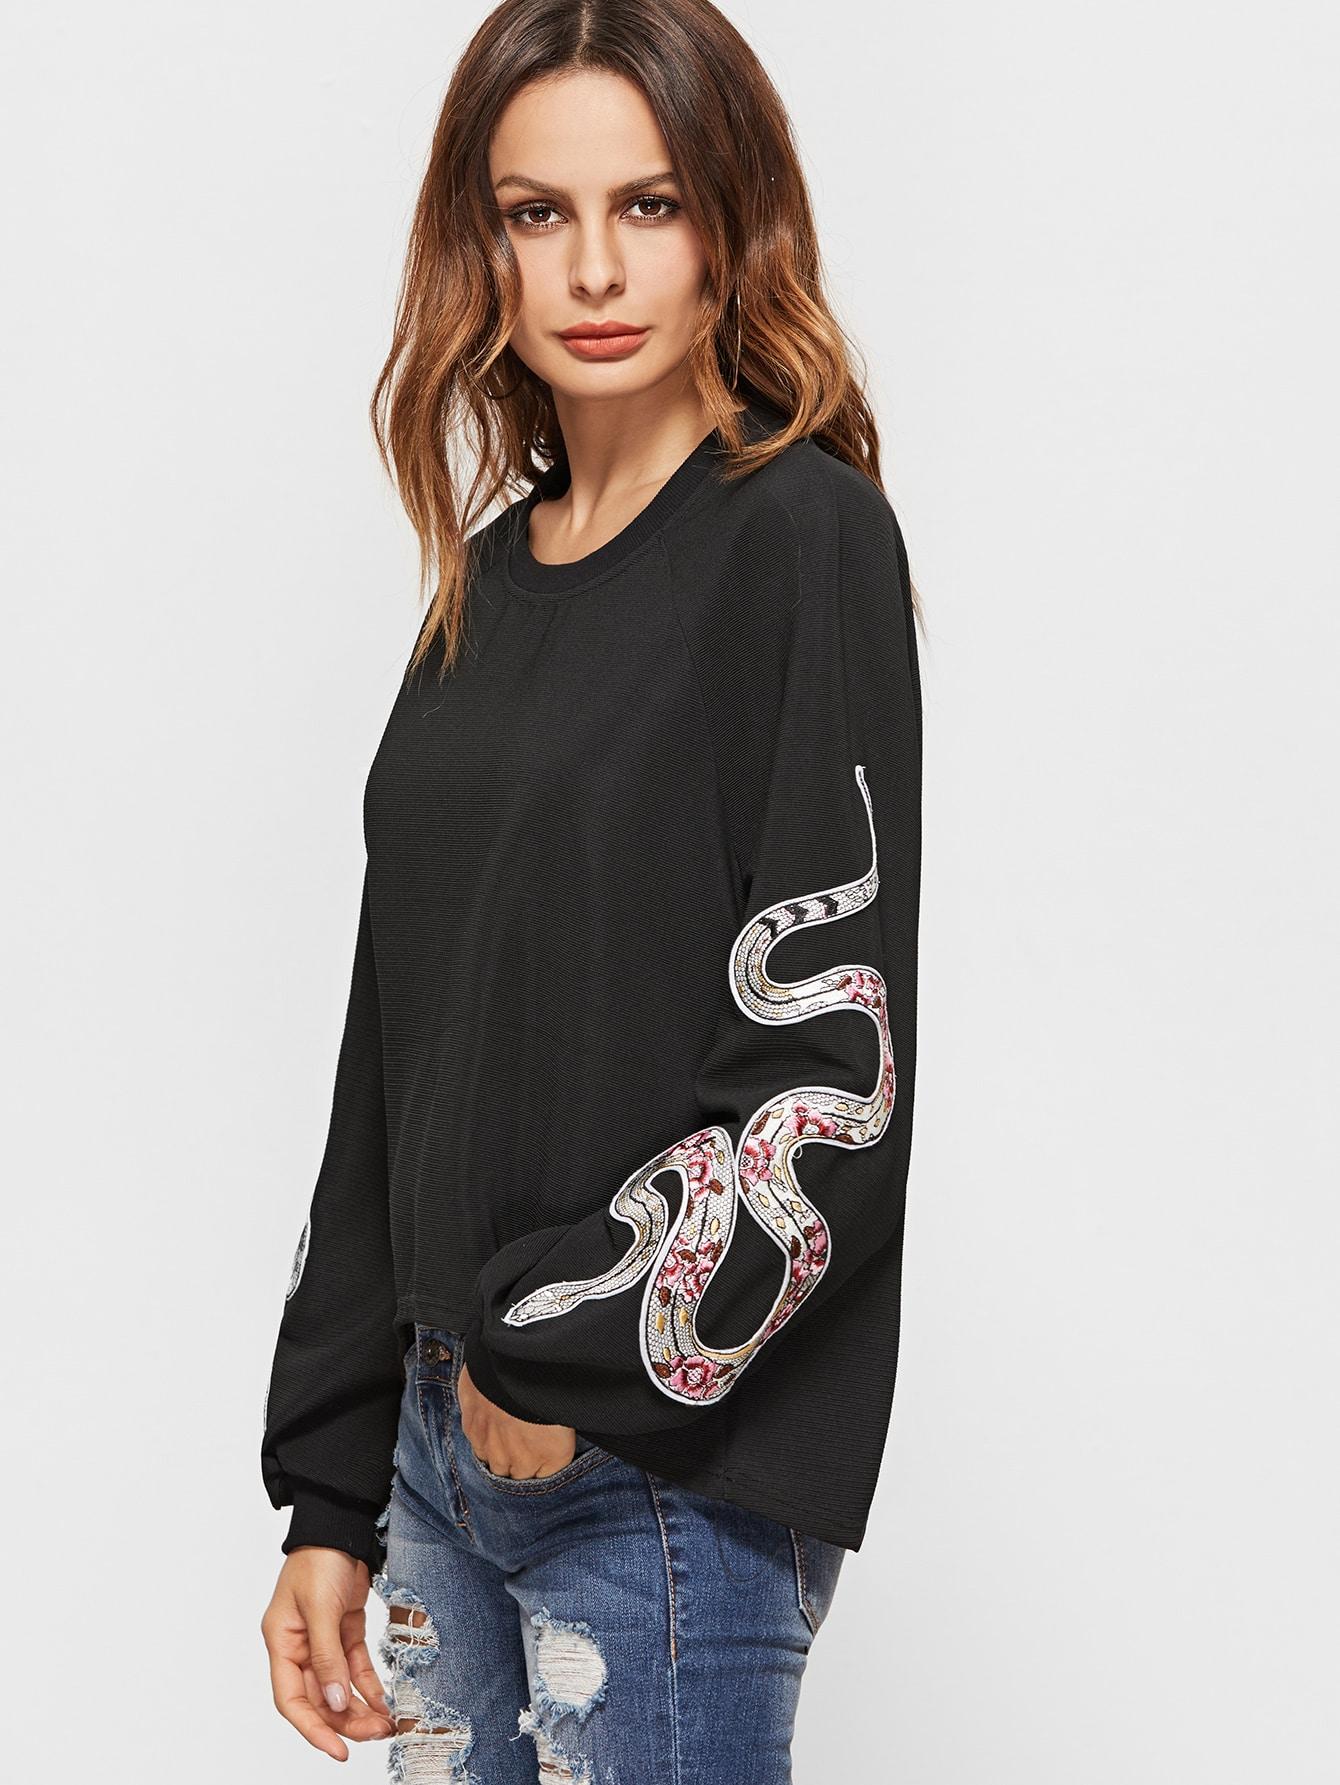 sweatshirt161206472_2